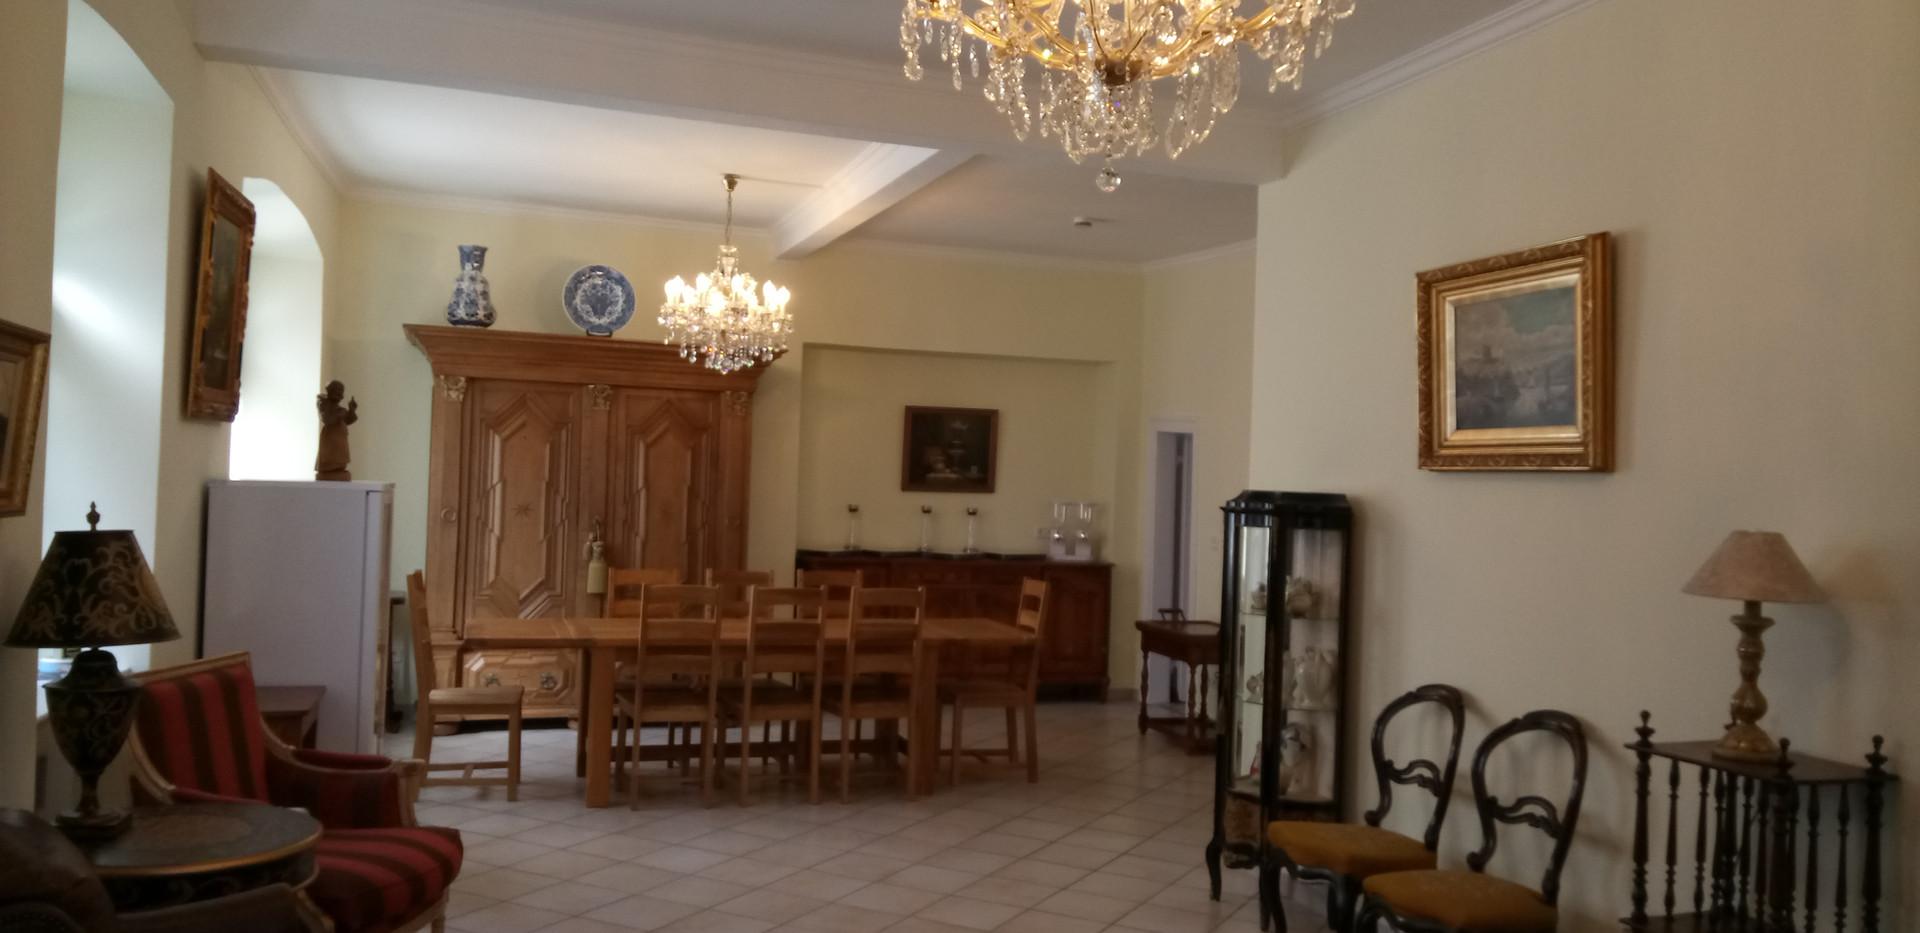 Historischer Winzerverein in Senheim, Mosel Trip